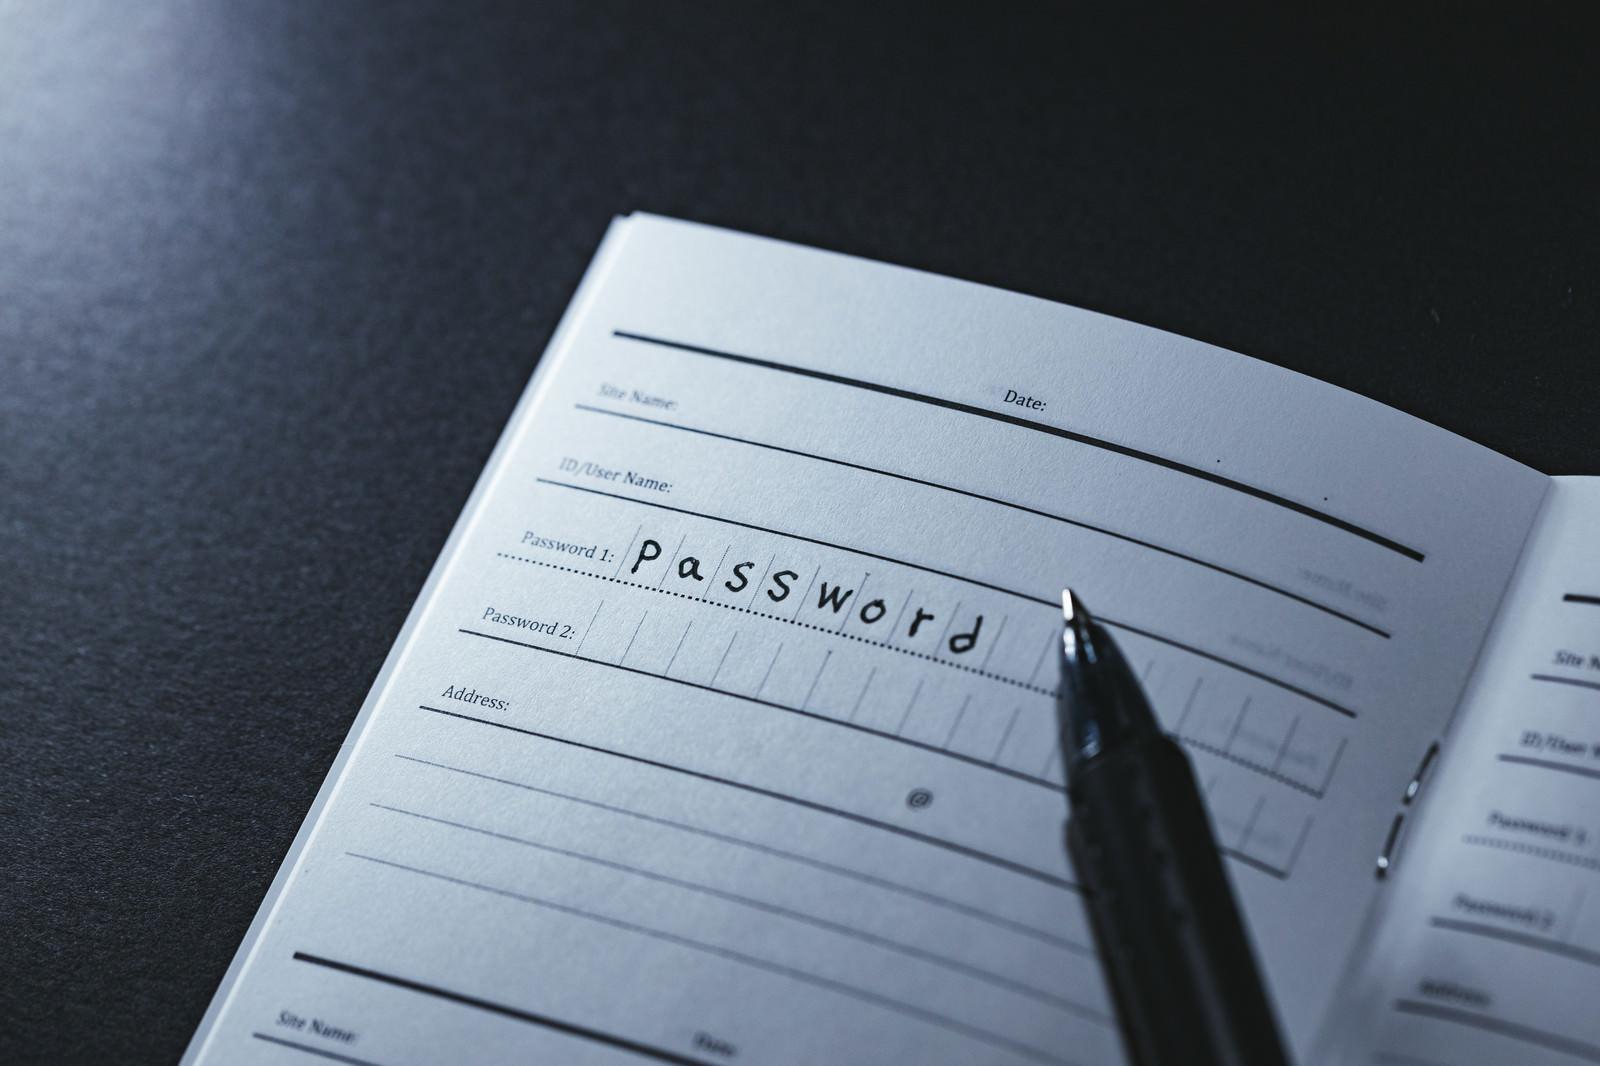 「パスワード管理帳に記述する」の写真